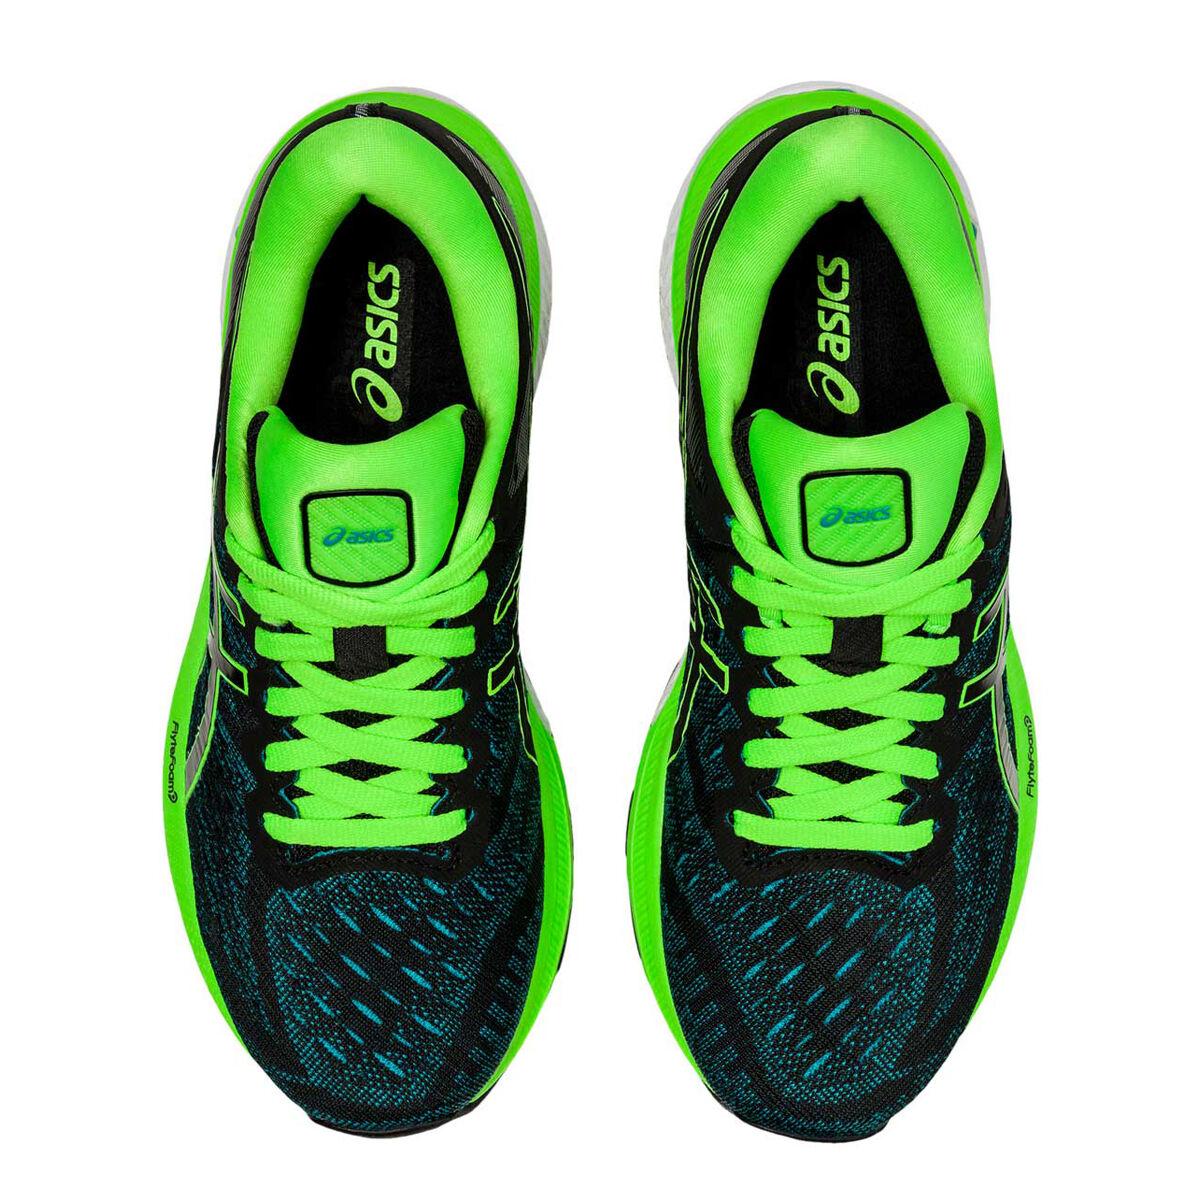 Asics GEL Kayano 27 Kids Running Shoes